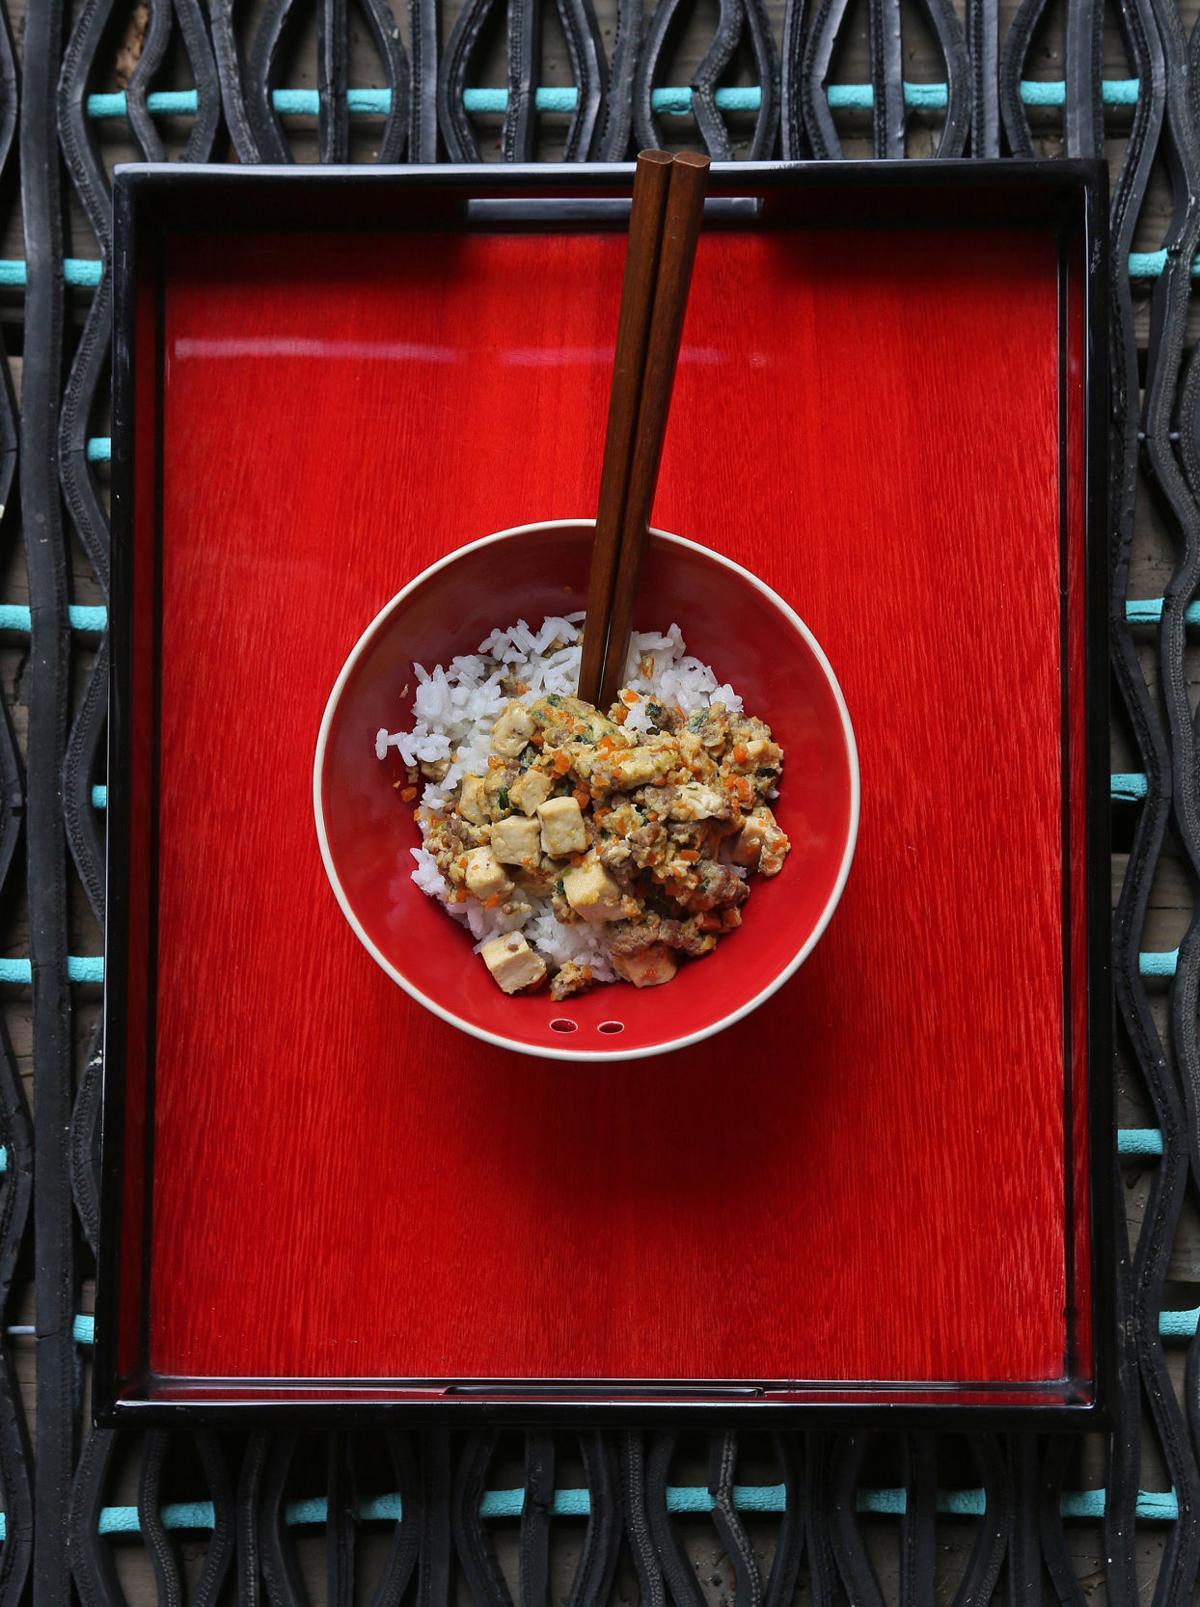 FOOD JAPAENSE-RECIPES 2 SL